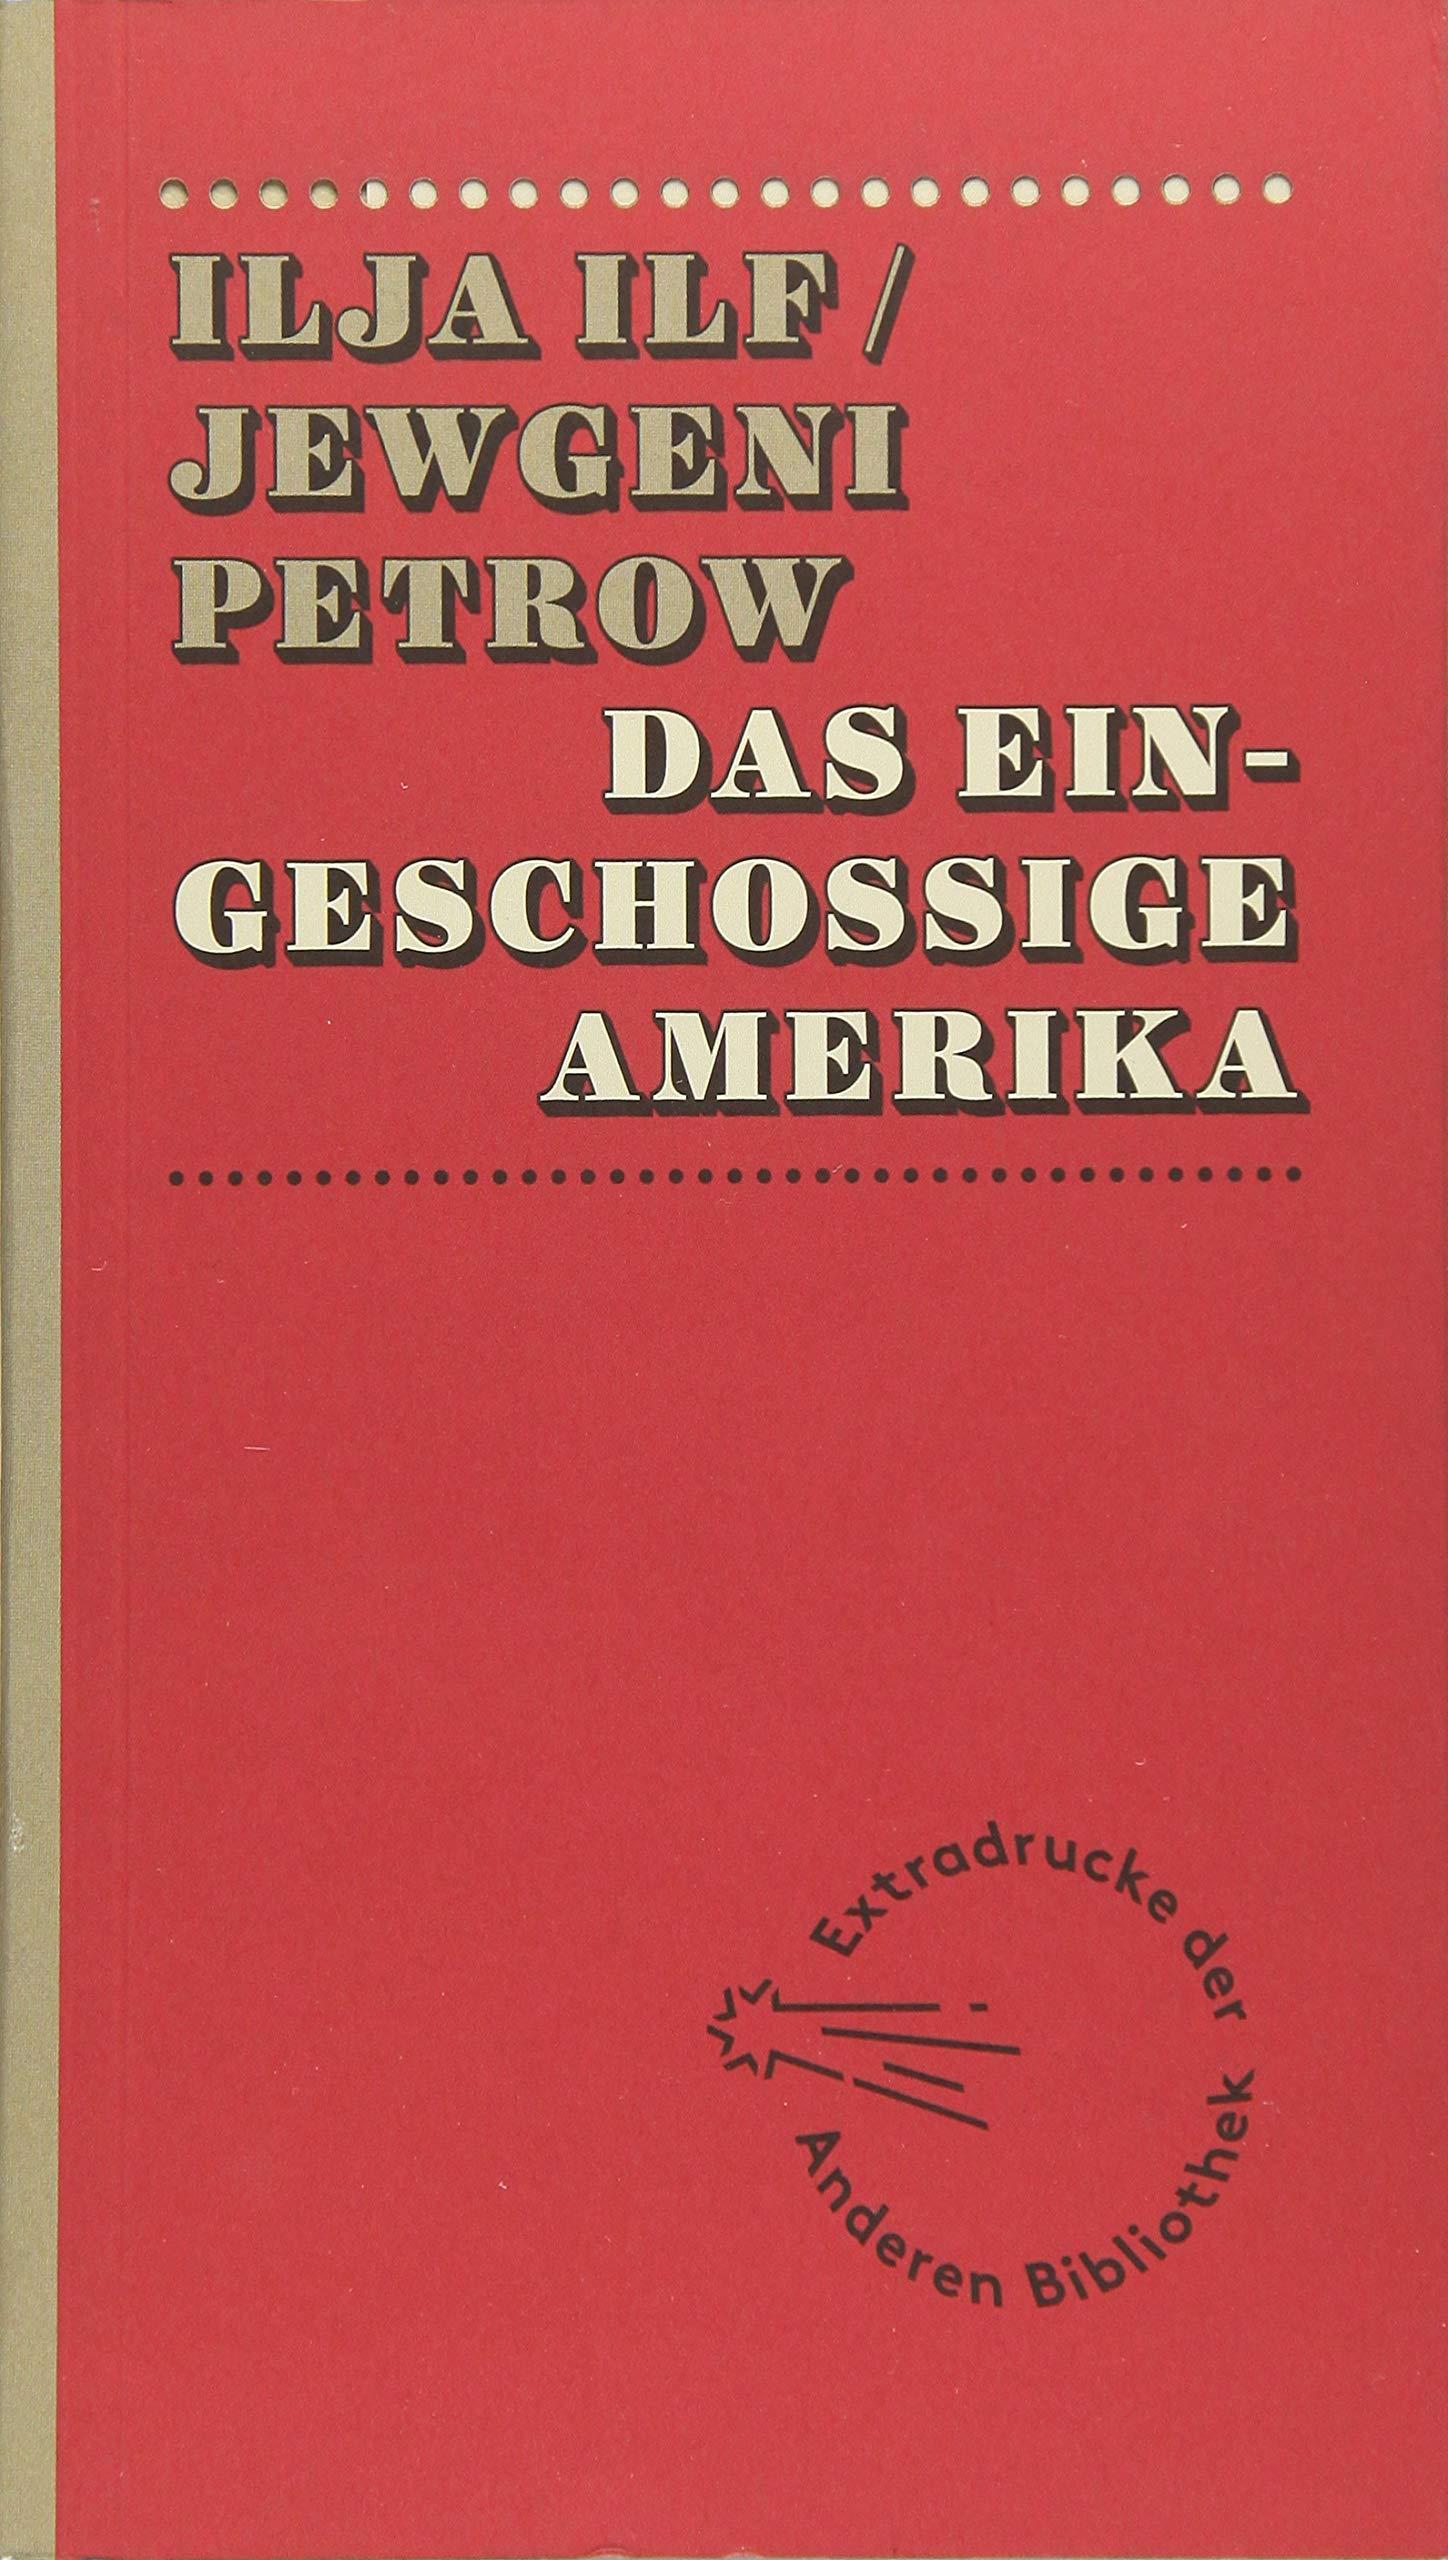 Das eingeschossige Amerika: Eine Reise mit Fotos Extradrucke der Anderen  Bibliothek, Band 1: Amazon.de: Ilf, Ilja, Petrow, Jewgeni: Bücher